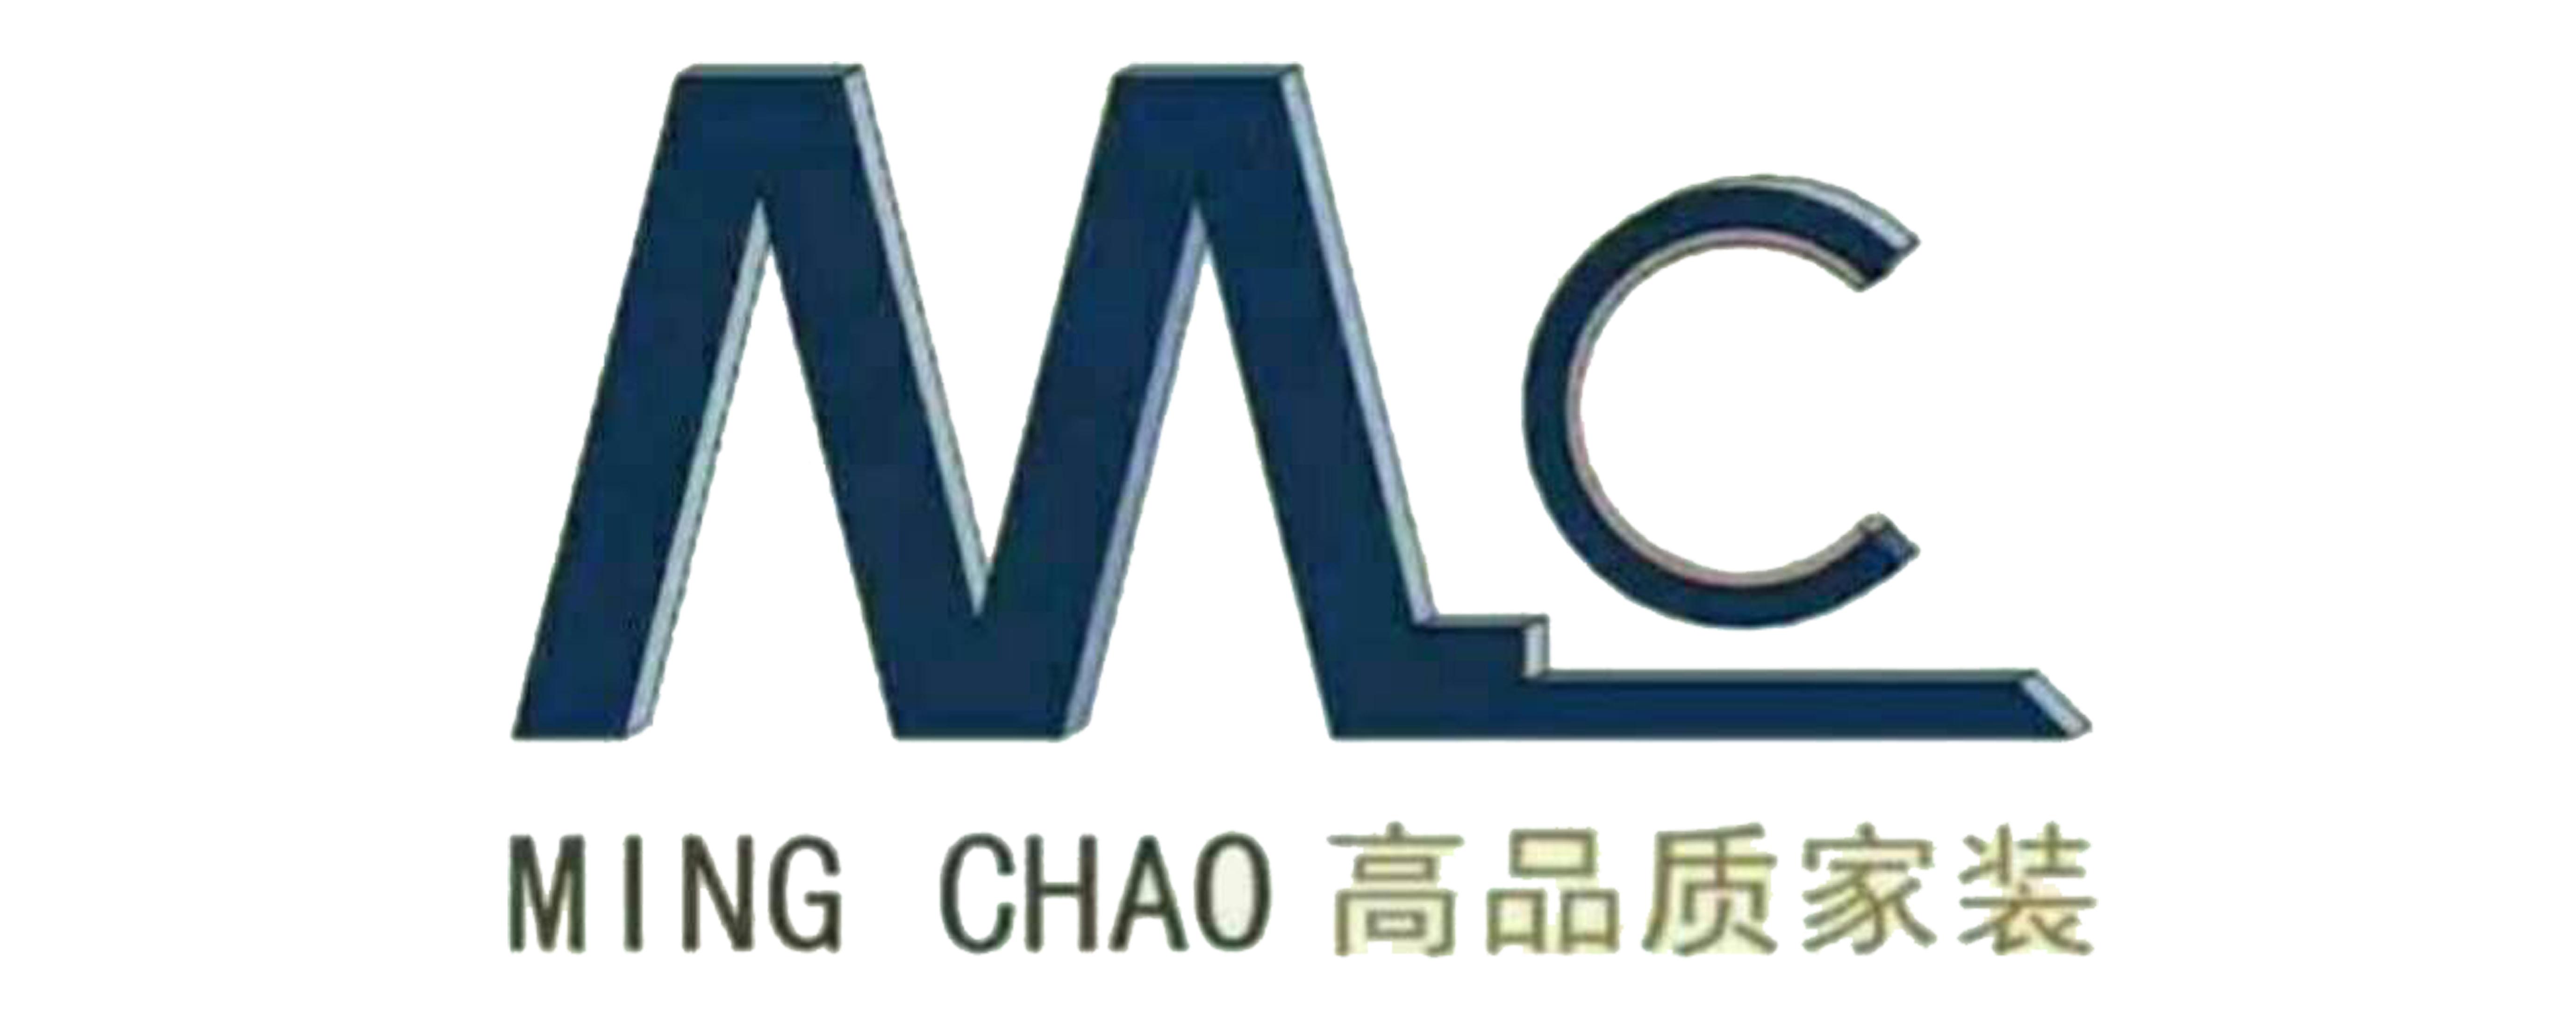 曲靖市麒麟区名巢设计工程有限公司